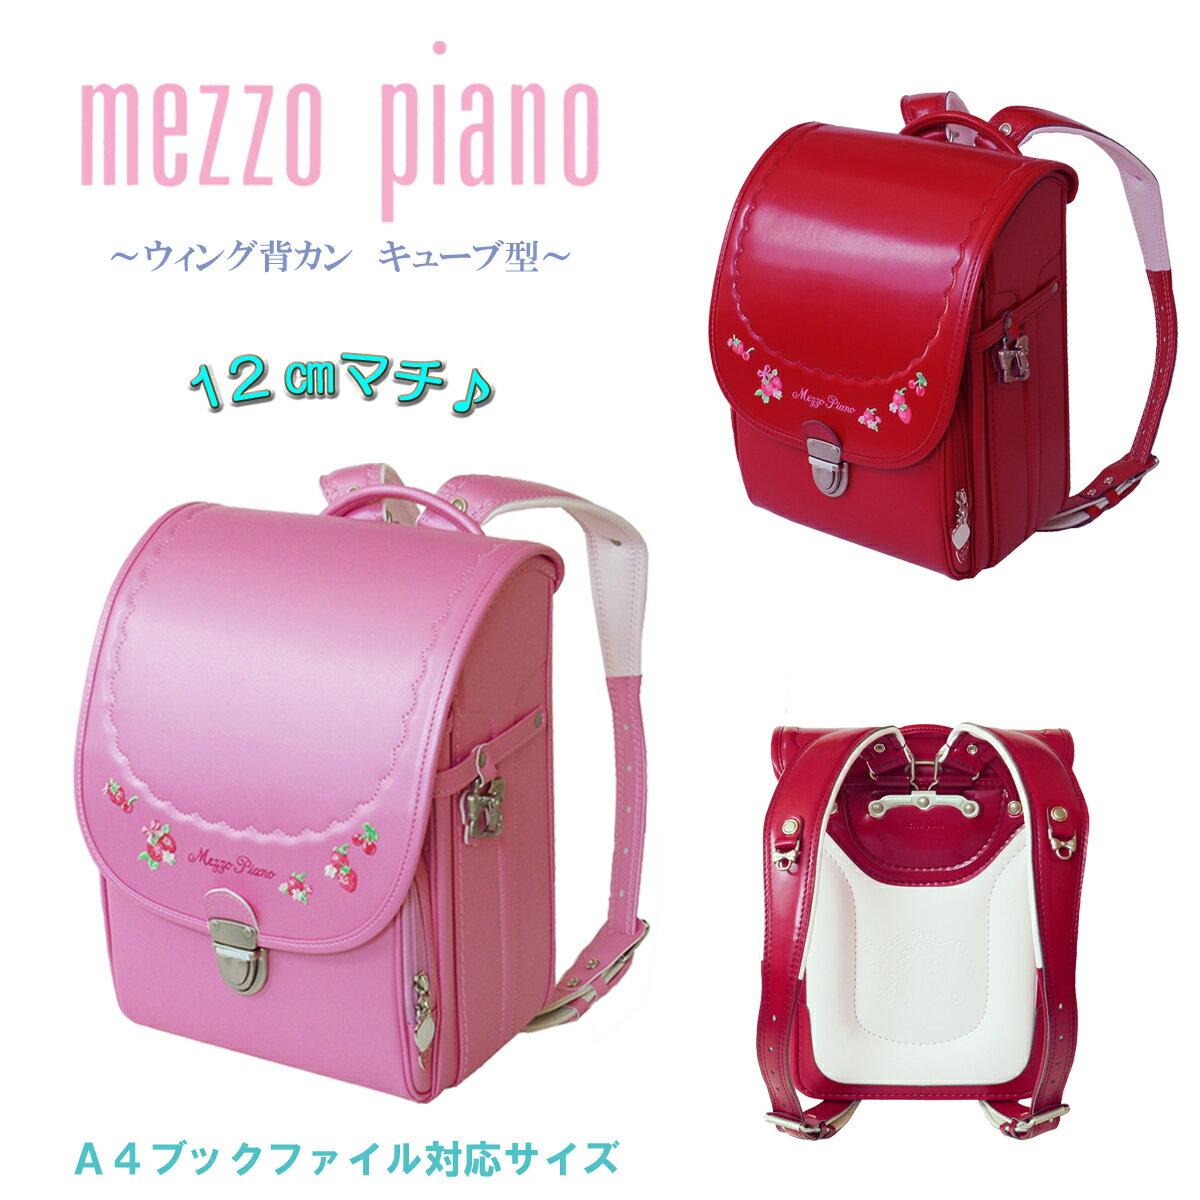 バッグ・ランドセル, ランドセル 2021 mezzo piano (wide) 12cm 0103-0305 MADE IN JAPAN()